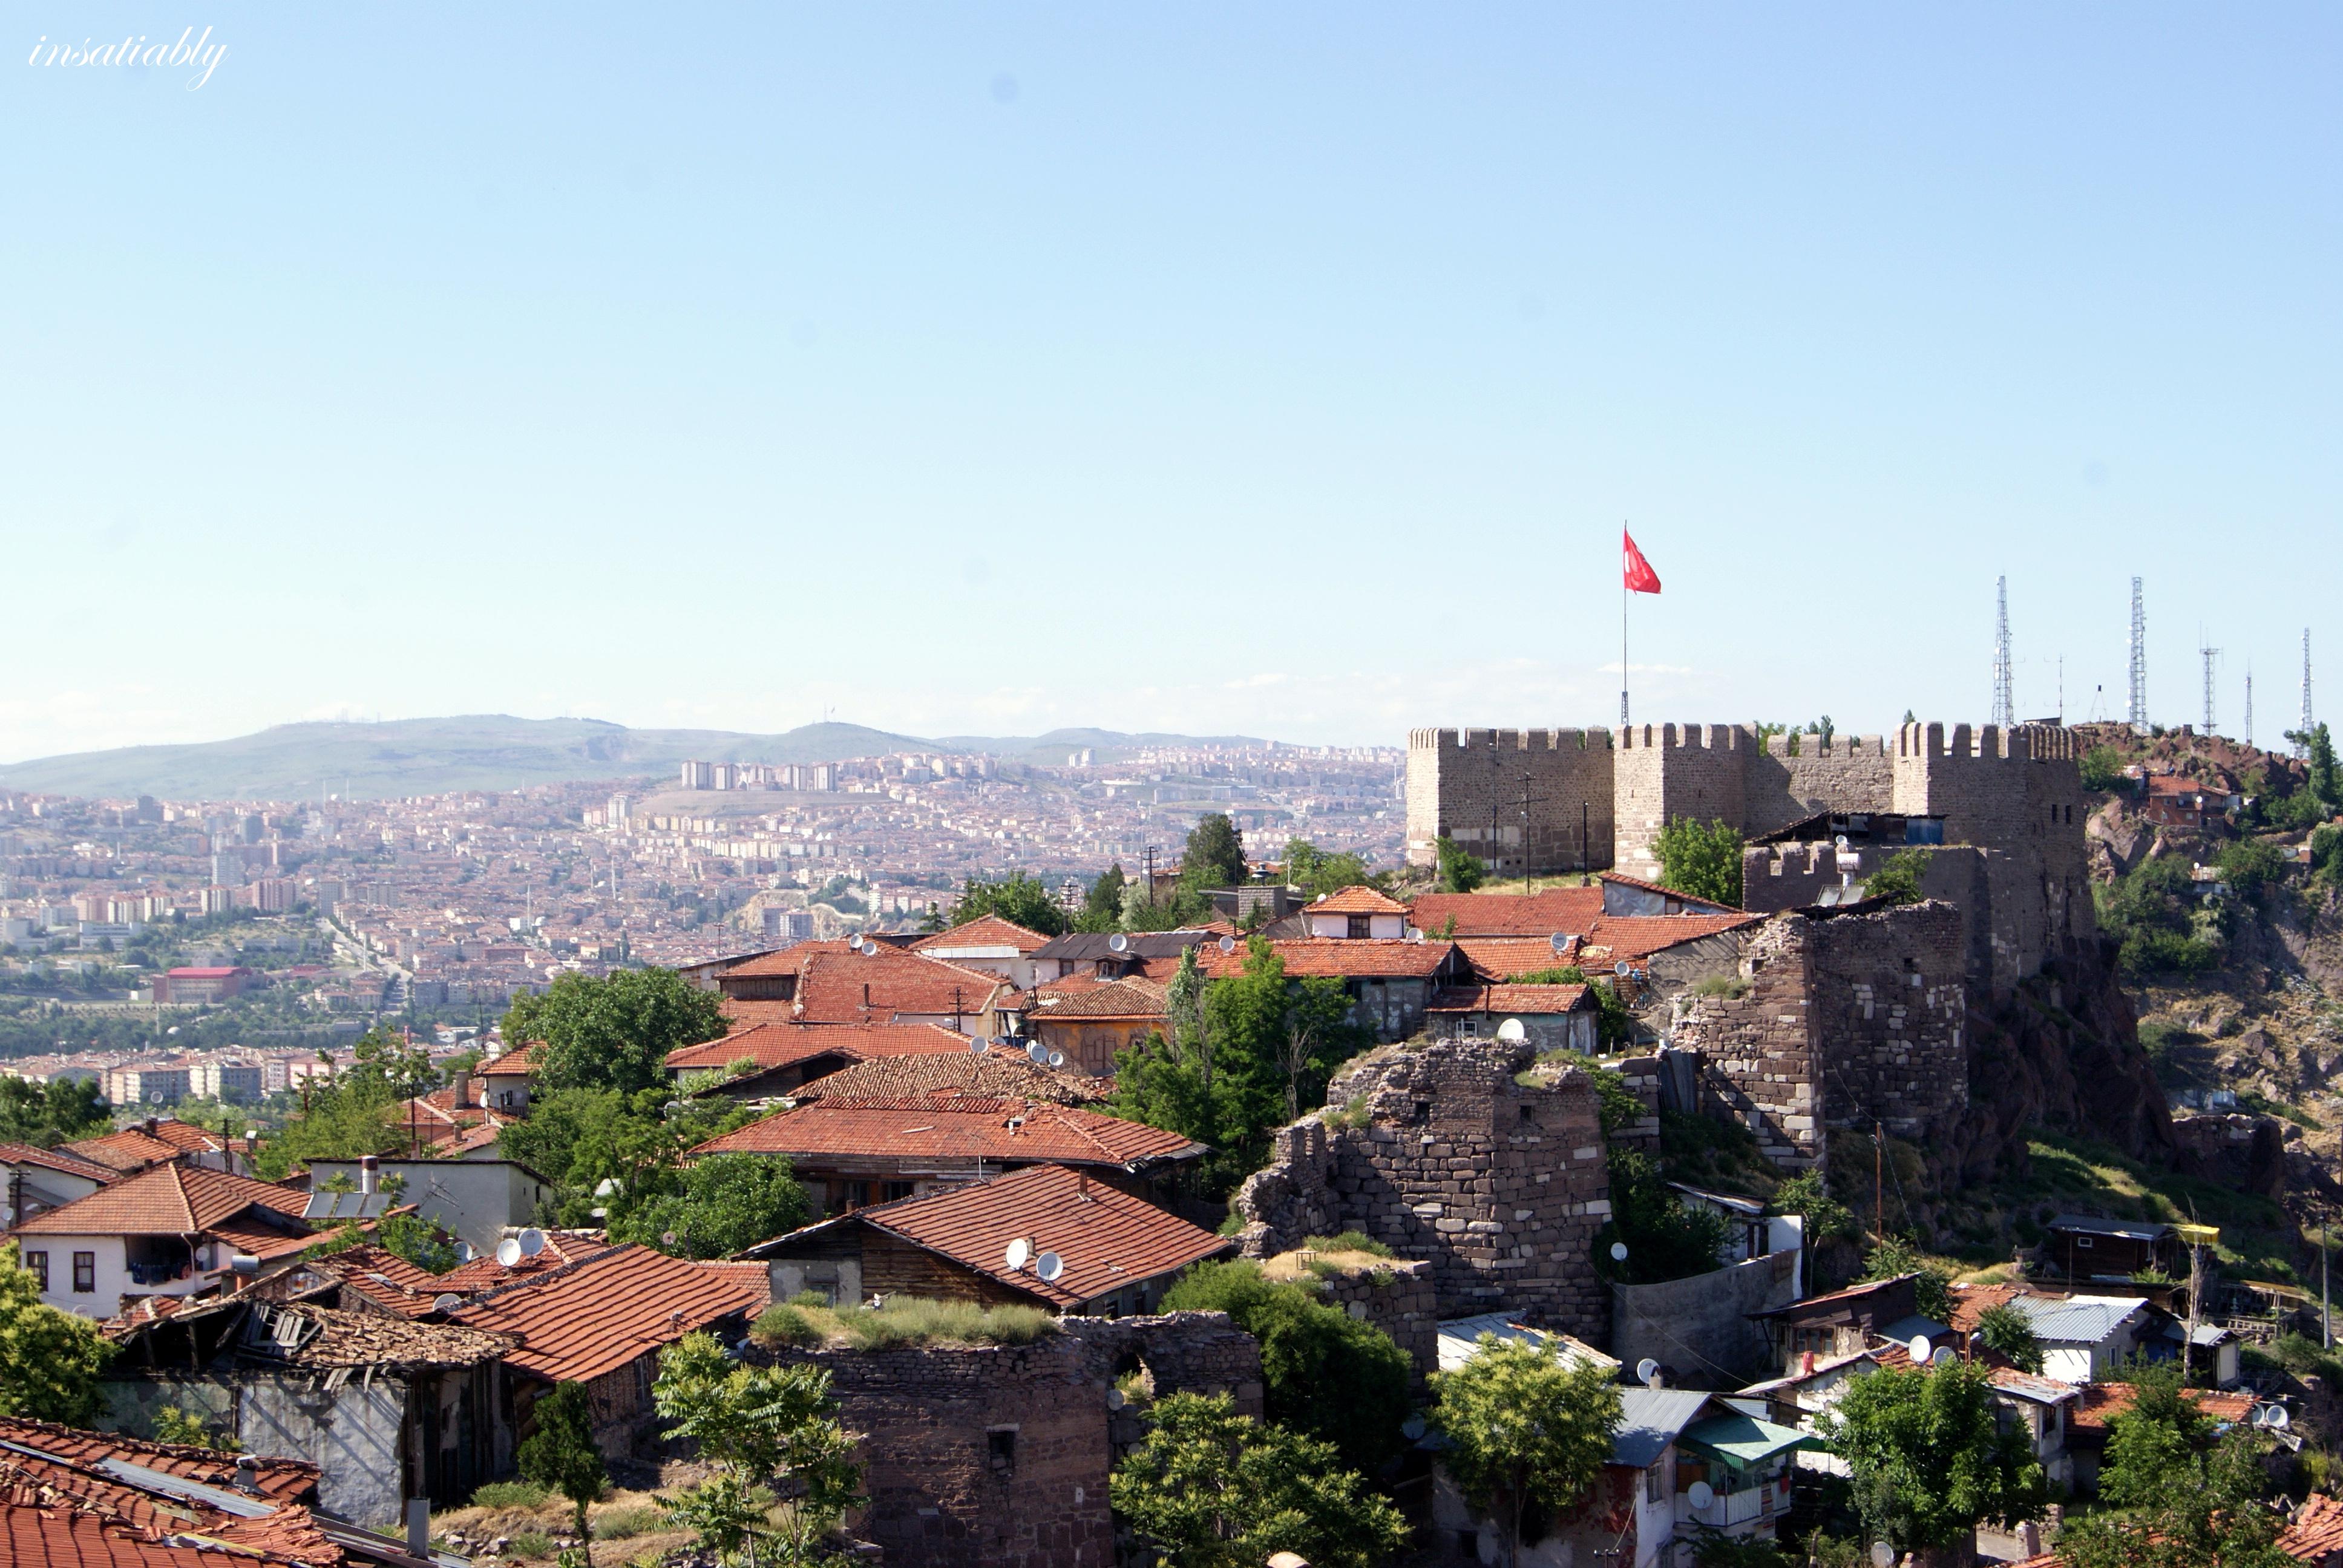 أنقرة.. قلب تركيا ومرقد امرئ القيس | مهاجر